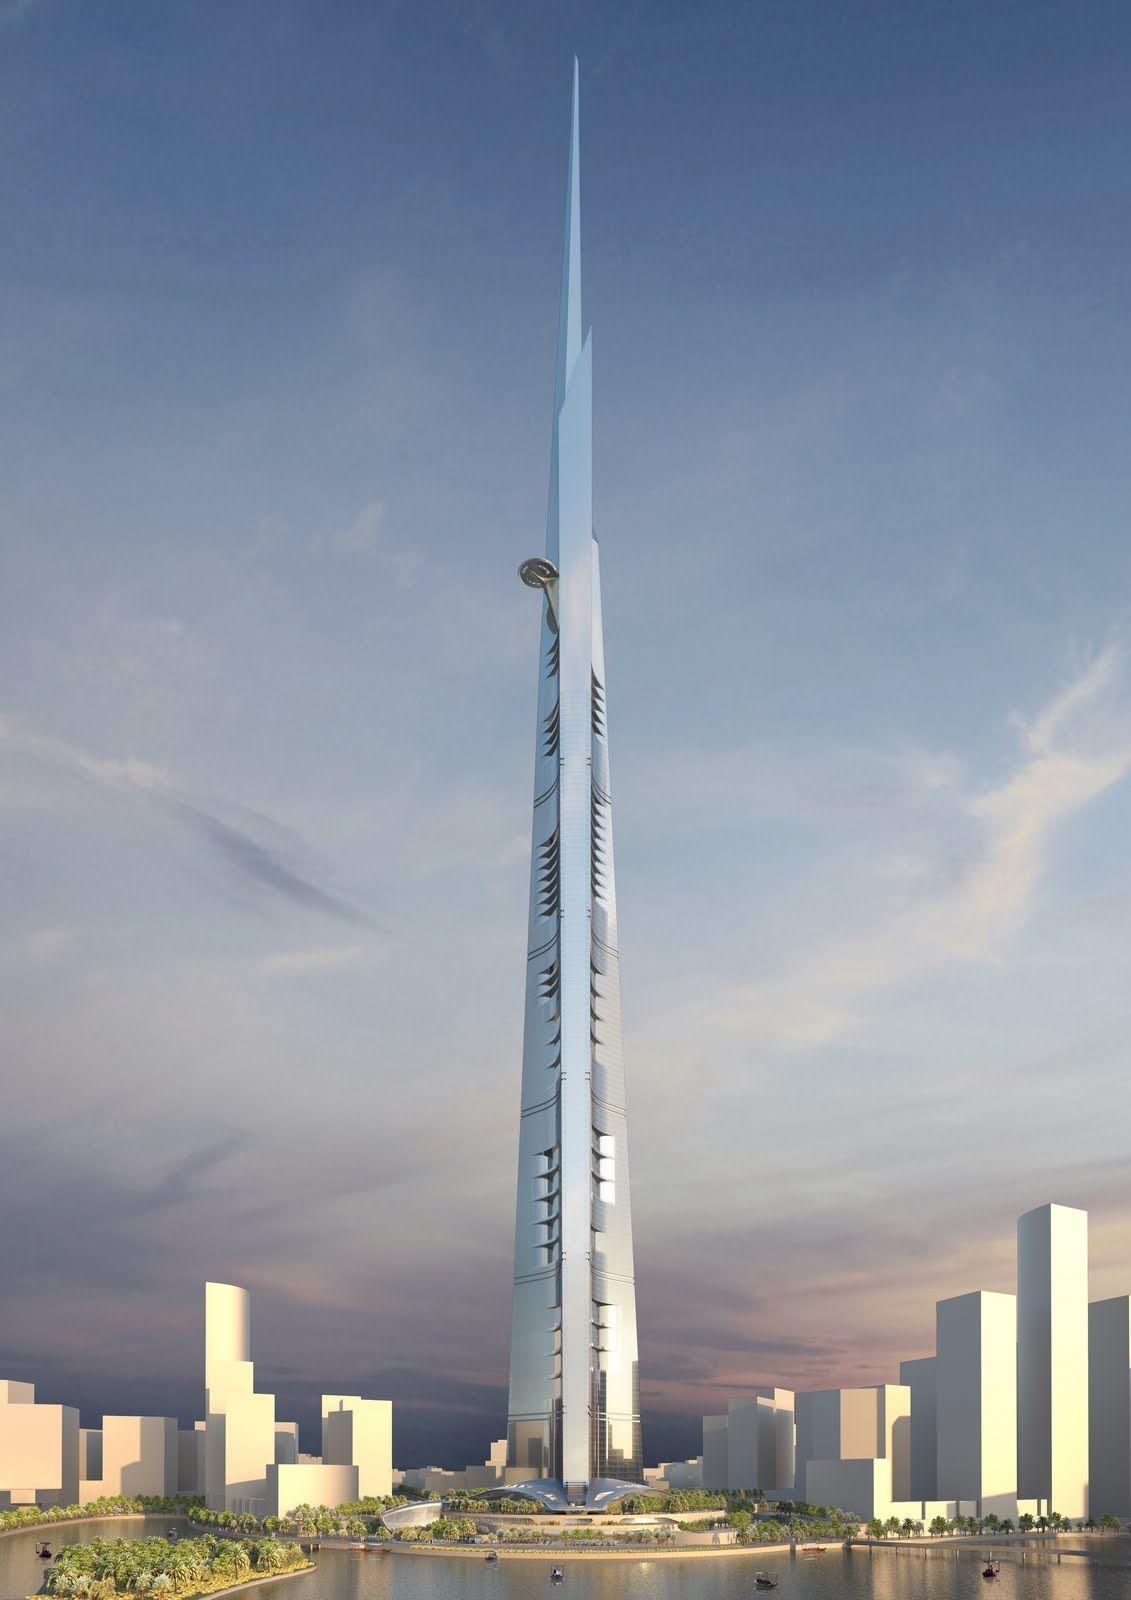 Kingdom Tower, (Arabia Saudita) en unos años será el rascacielos más alto, con 1.000 metros de altura y cerca de 530.000 metros cuadrados de área. Su inauguración se tiene planeada para el año 2019 y será la pieza central del proyecto llamado la Ciudad de Reino que se construirá en un terreno de 5.300.000 metros cuadrados en el norte de Jeddah.